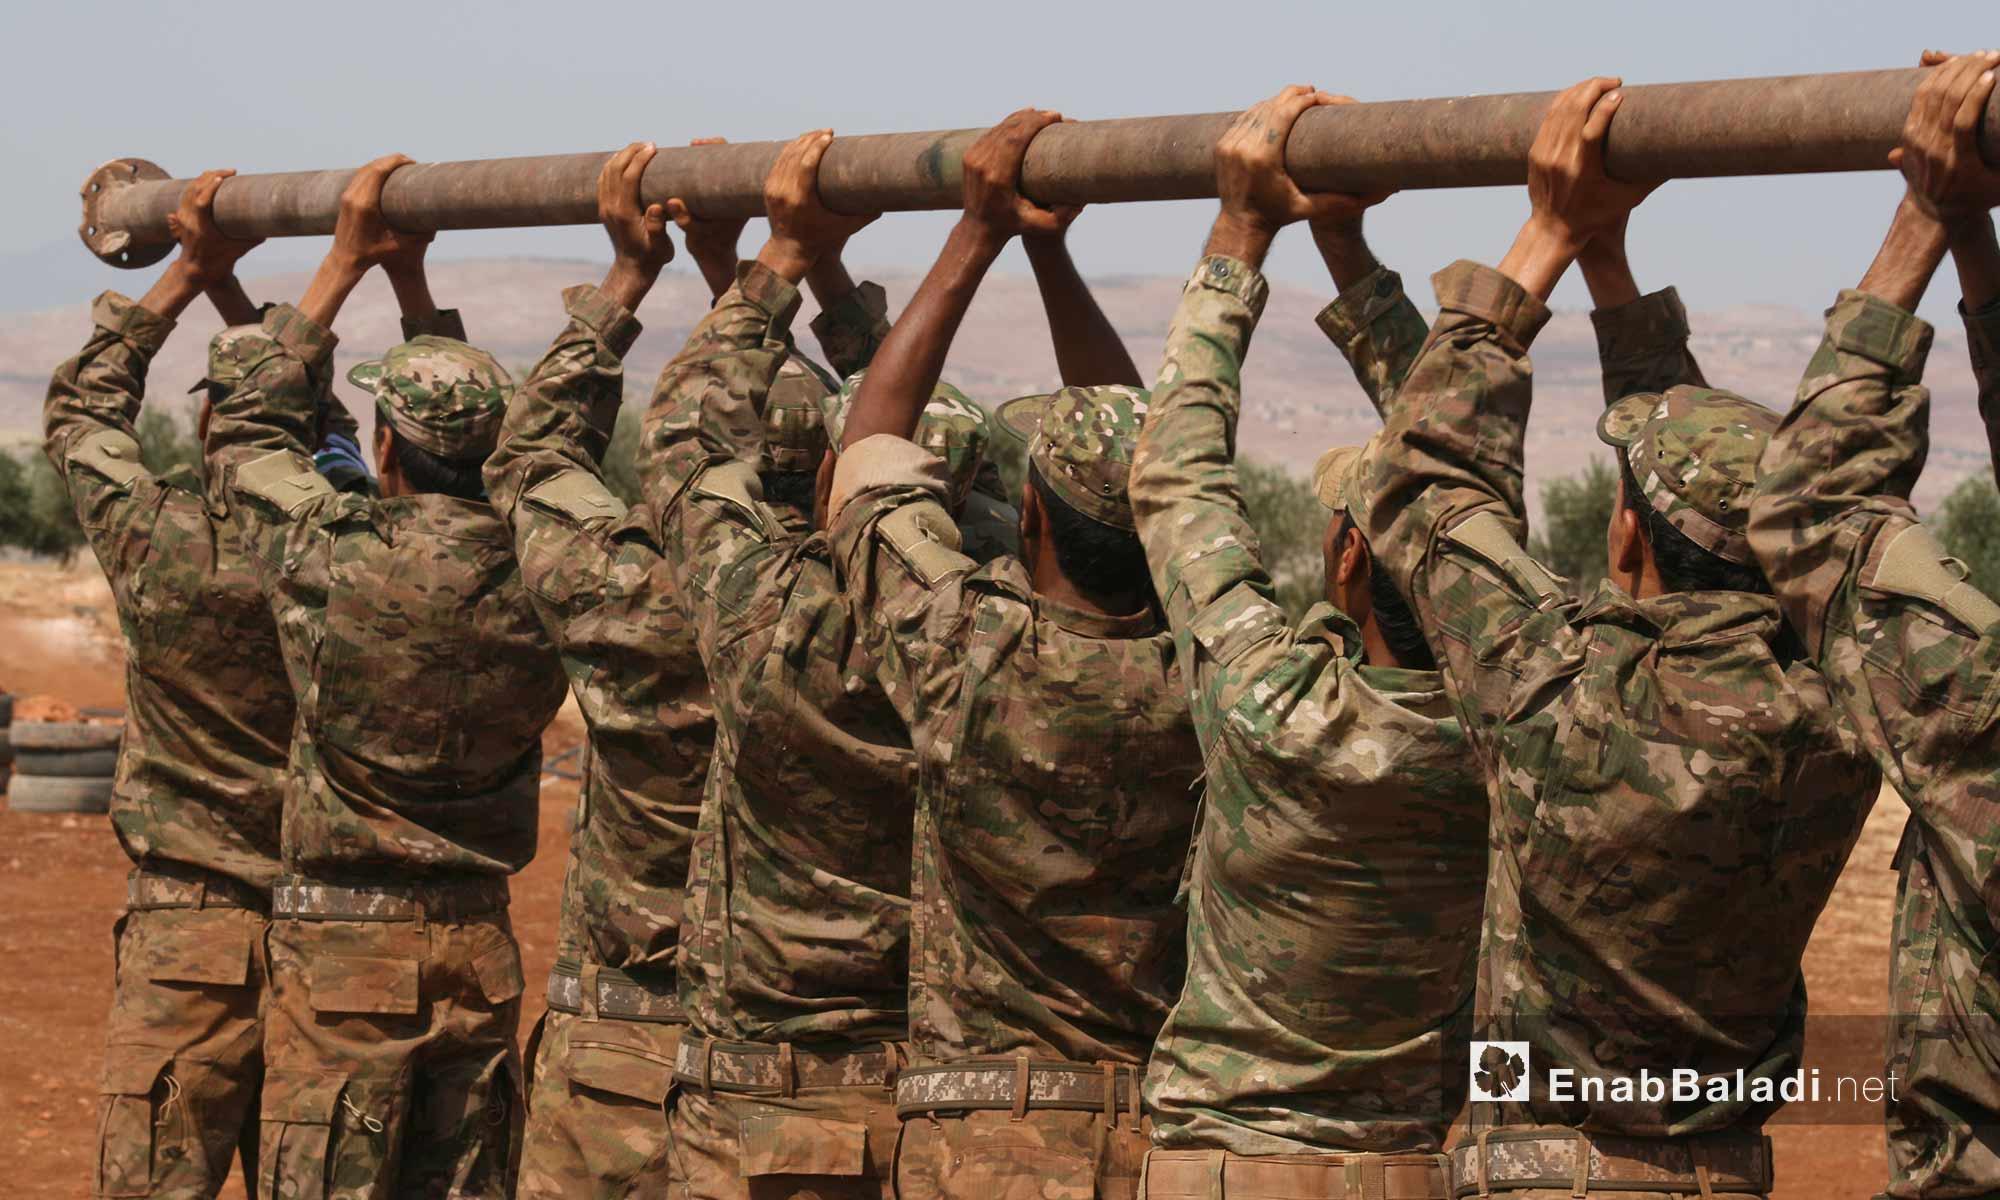 تخريج الدفعة الثانية من قوات المهام الخاصة التابعة لجيش النصر بريف حماة الشمالي - 17 أيلول 2017 (عنب بلدي)